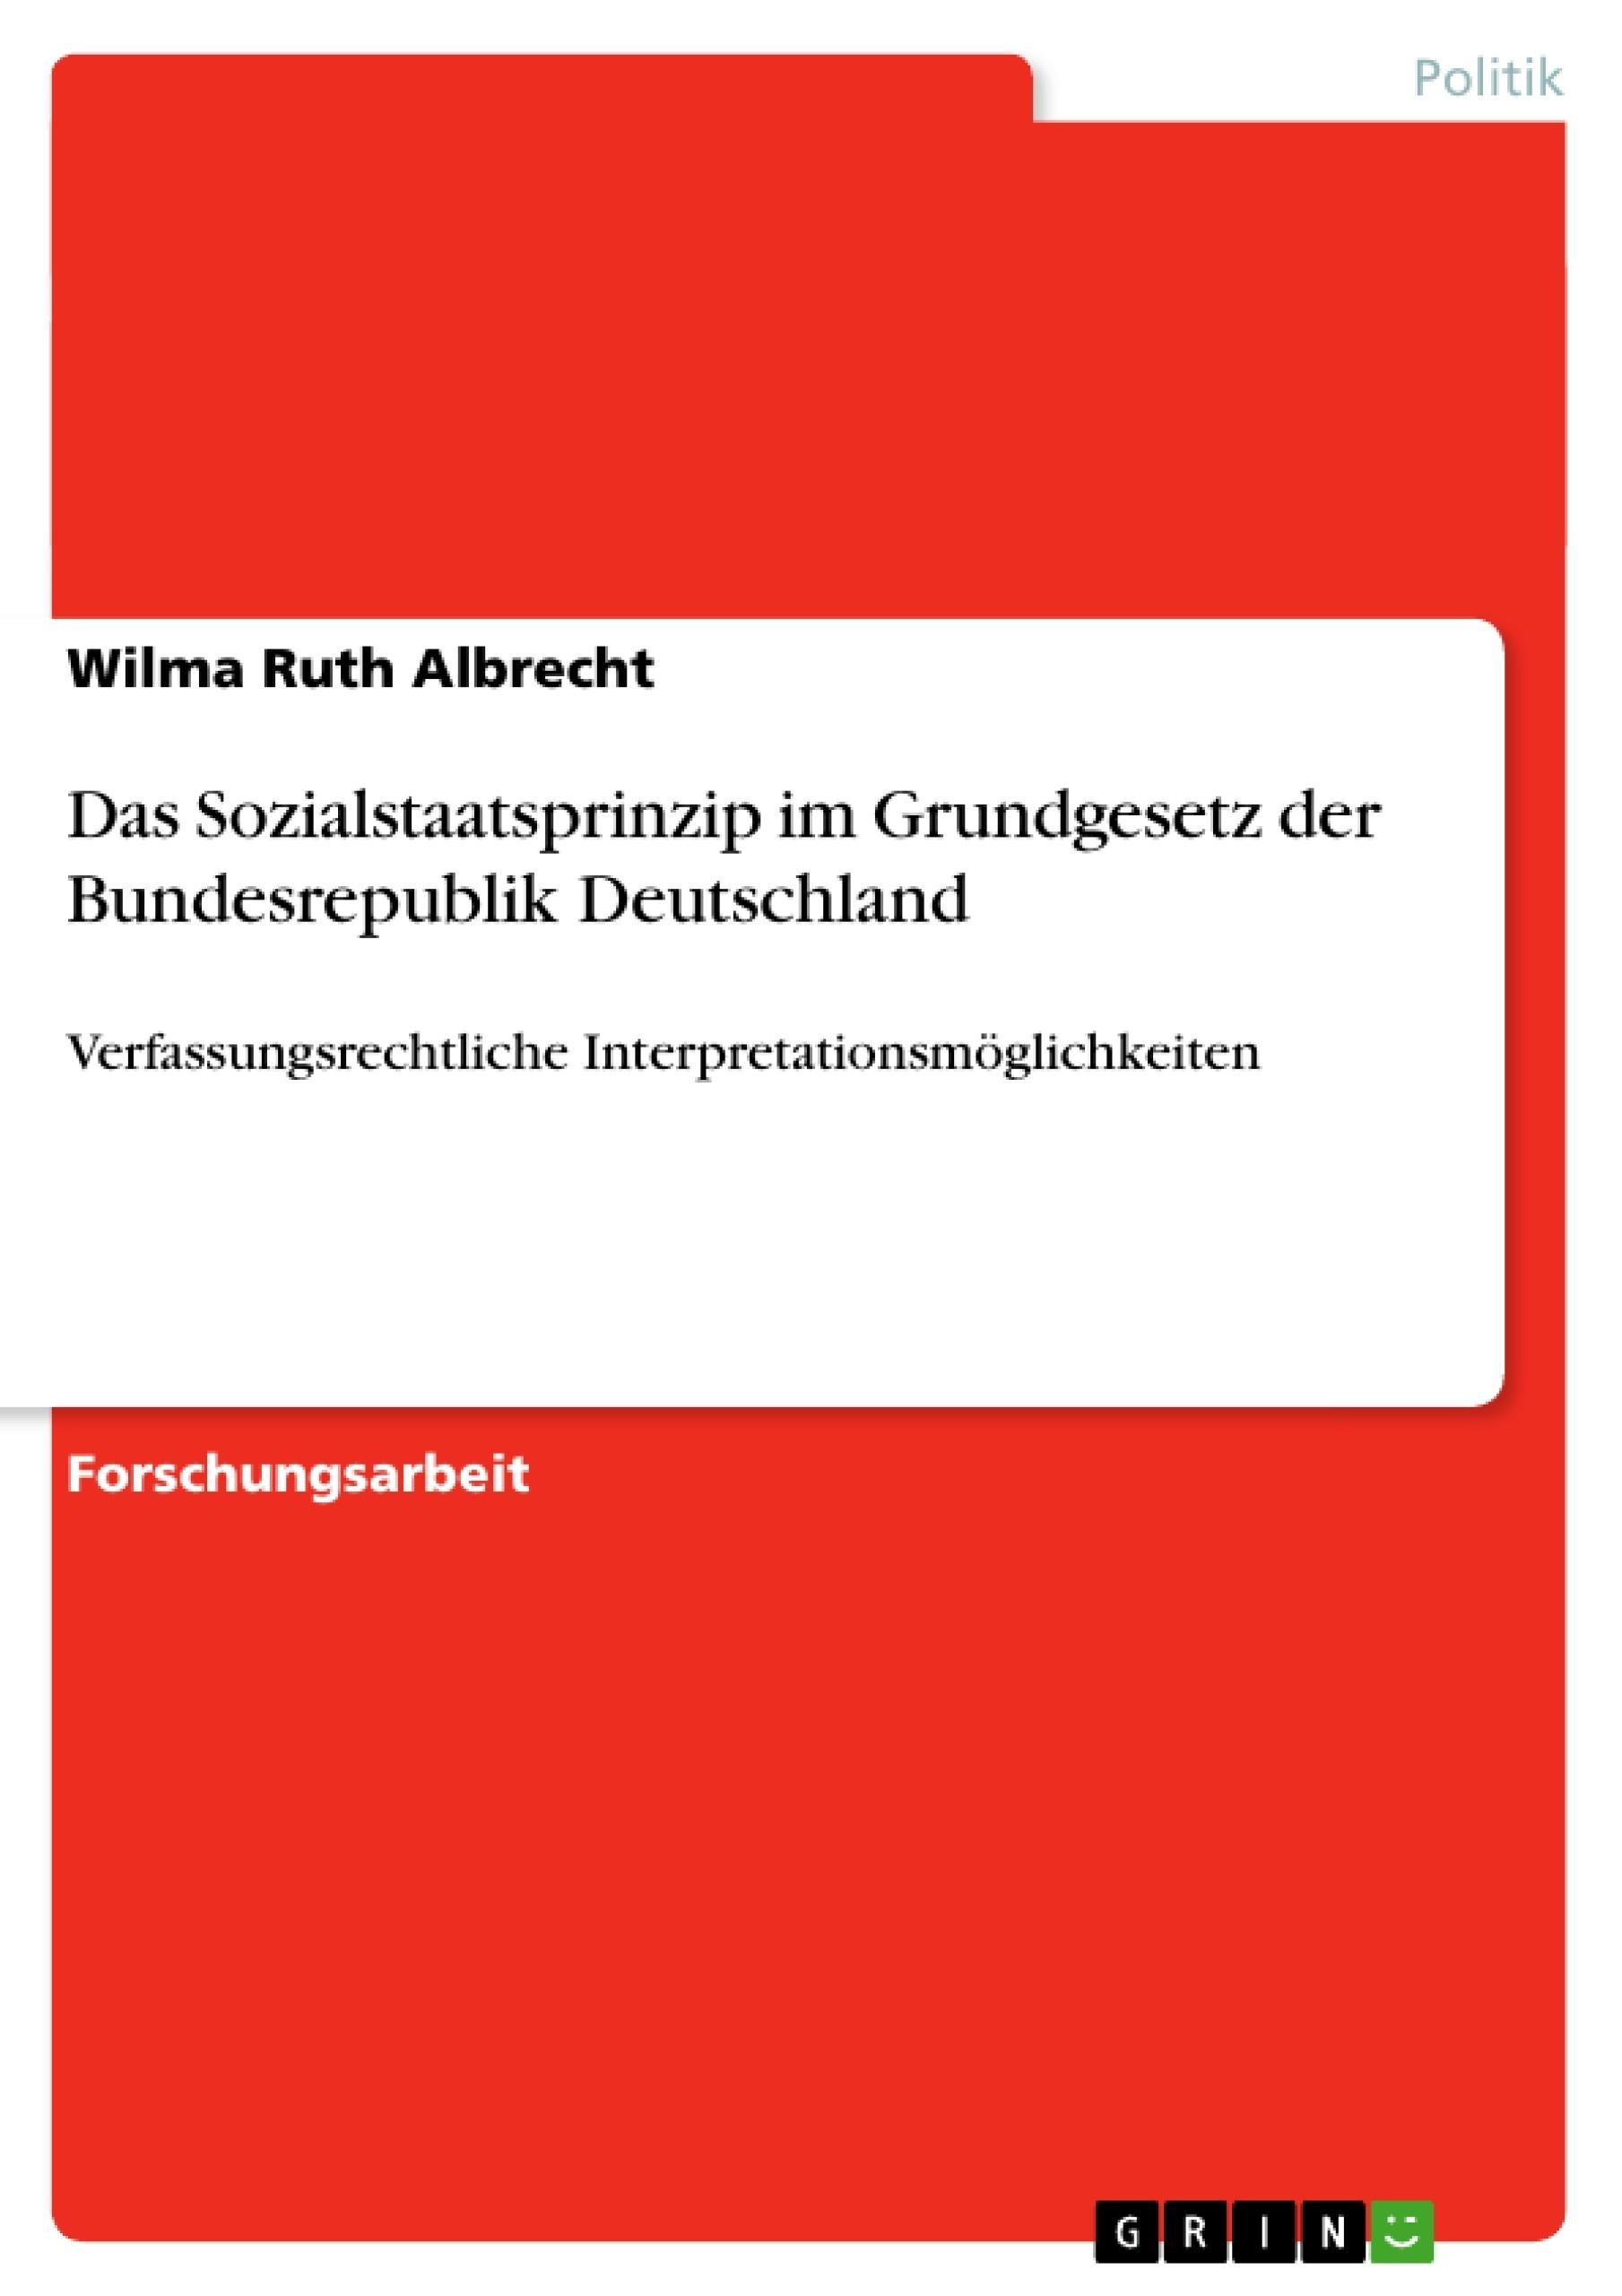 Titel: Das Sozialstaatsprinzip im Grundgesetz der Bundesrepublik Deutschland